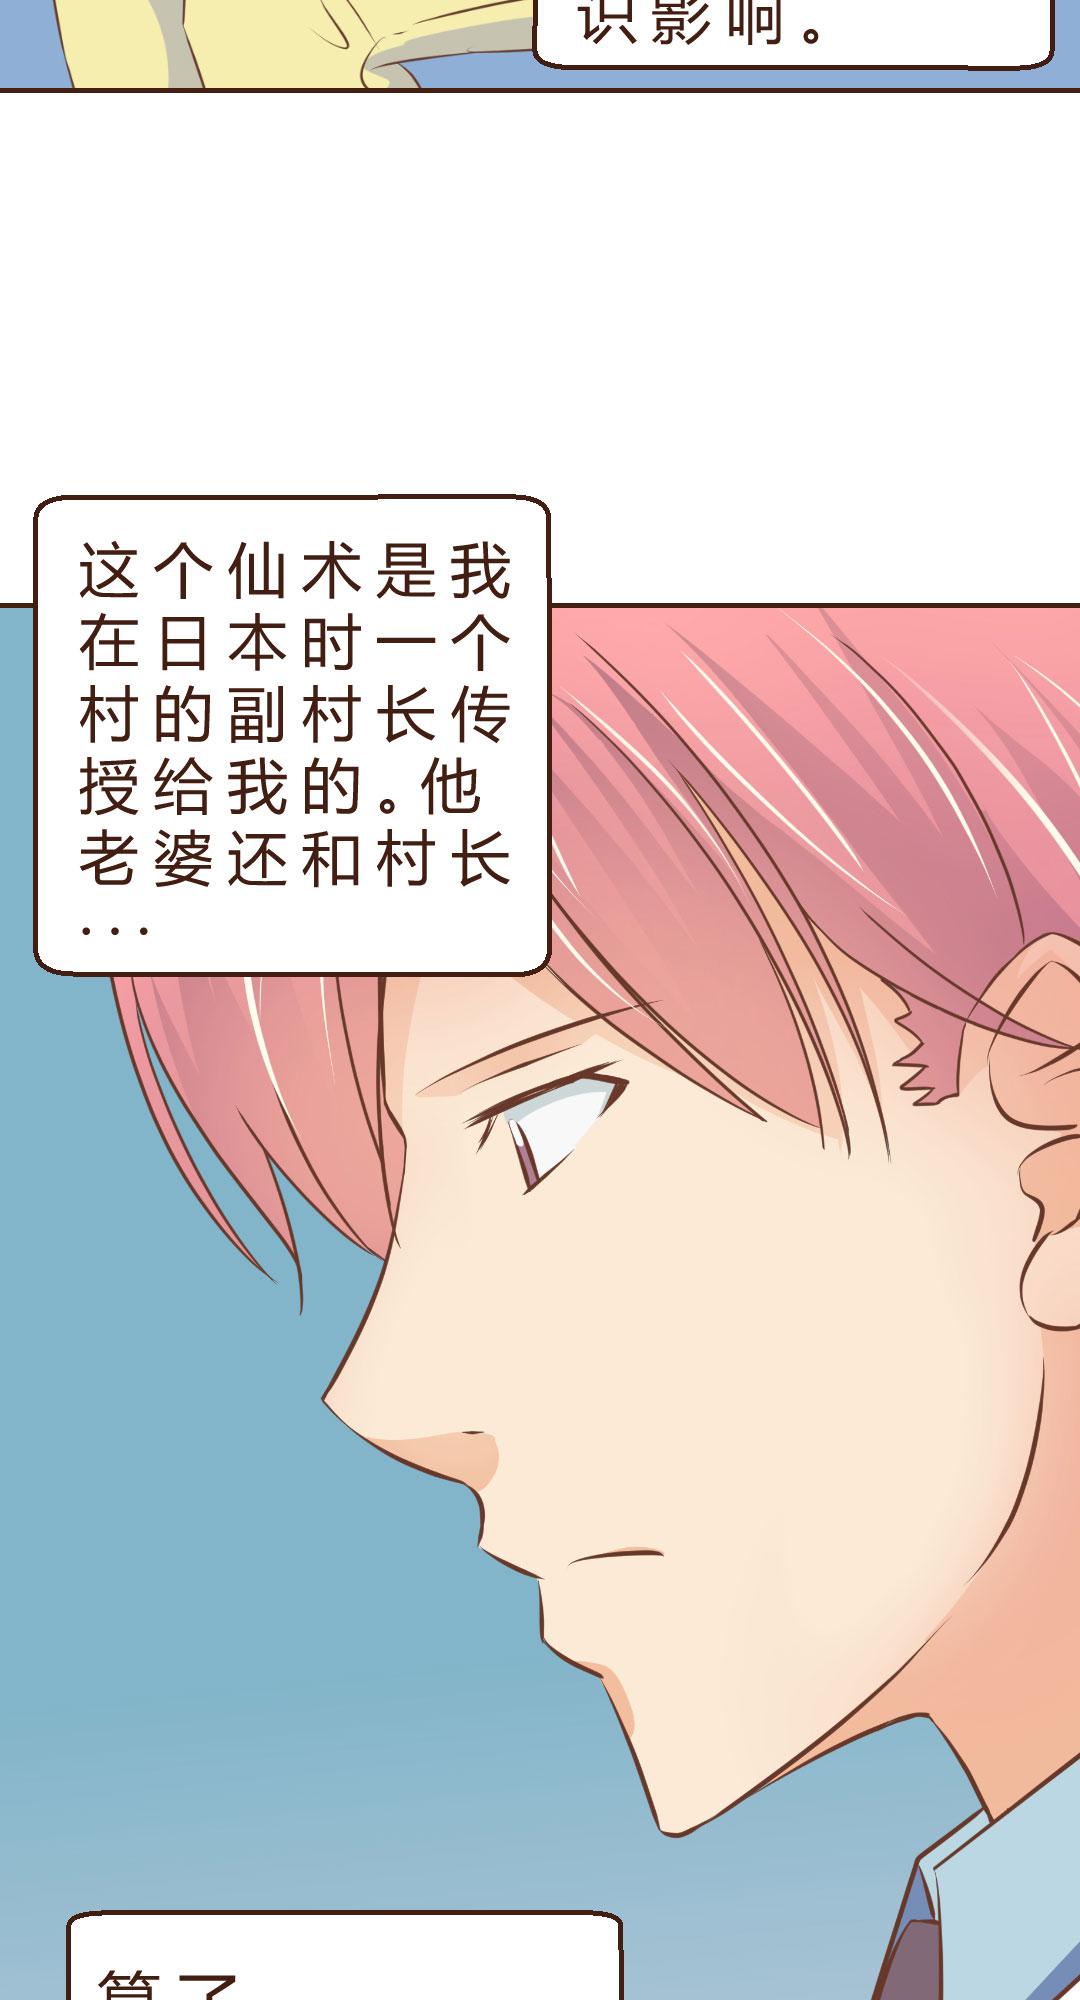 【漫画在线阅读】分手以后,还可以做吗?朋友!